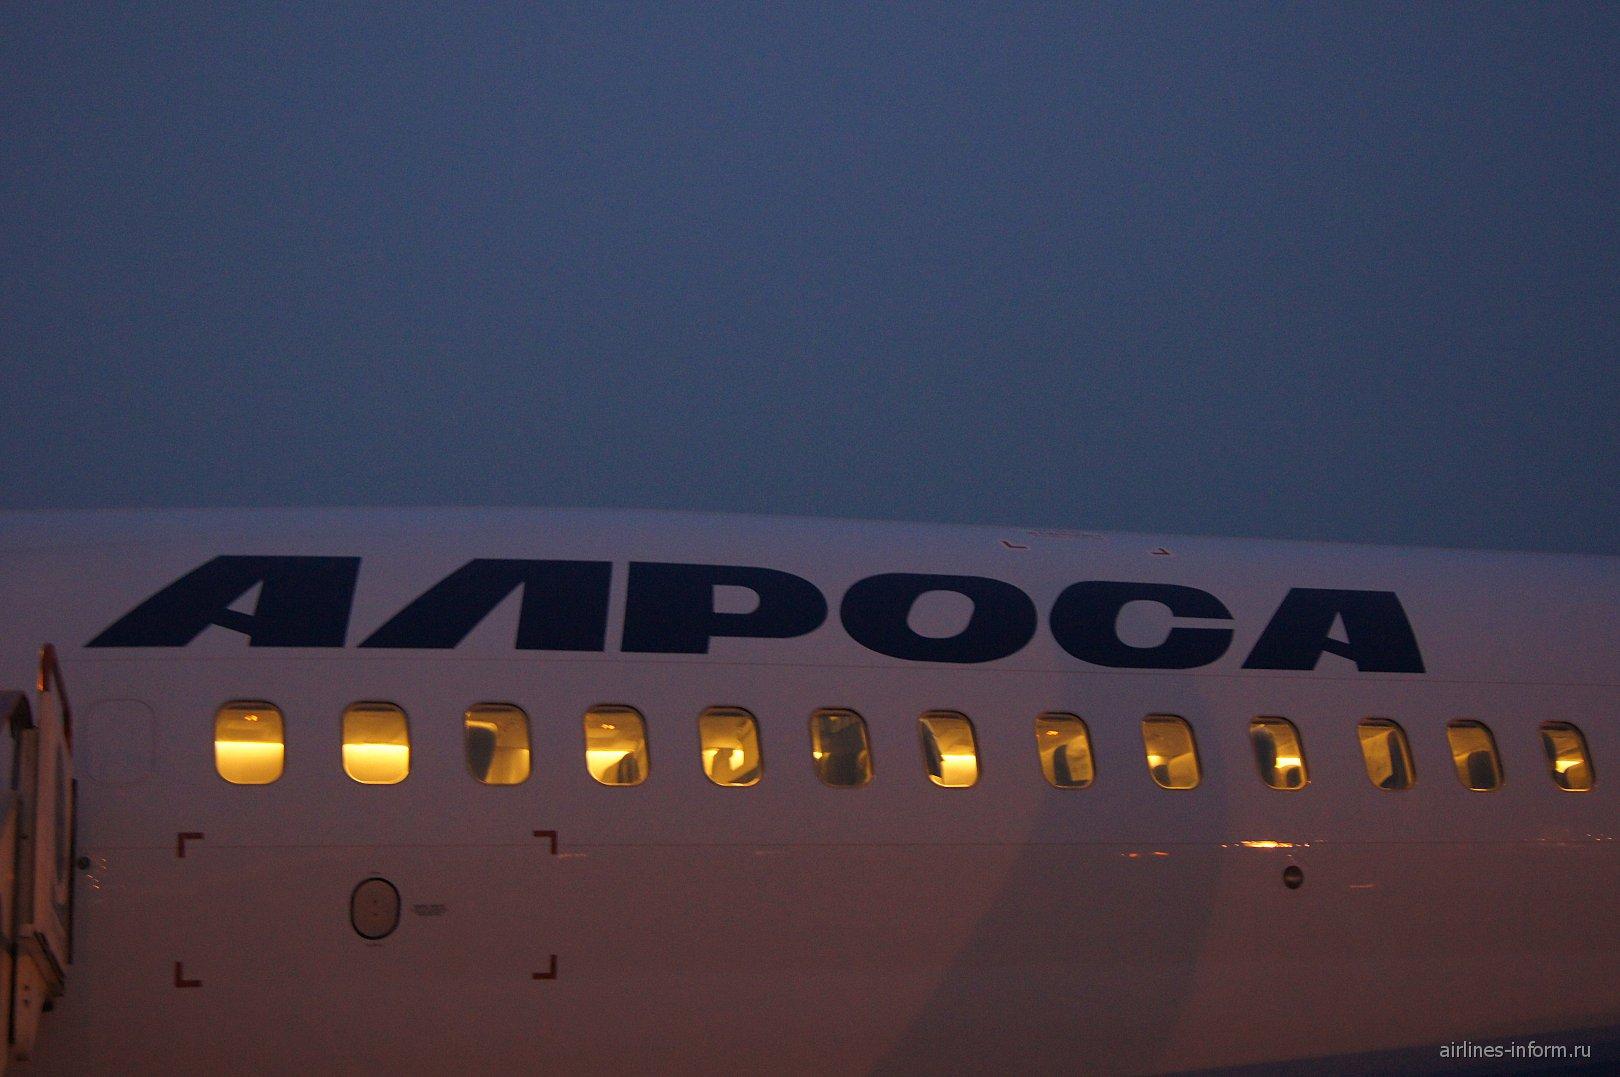 Полет 12.11.2013 г. Новосибирск – Москва рейс ЯМ-530 «Алроса» на борту Boeing 737-800